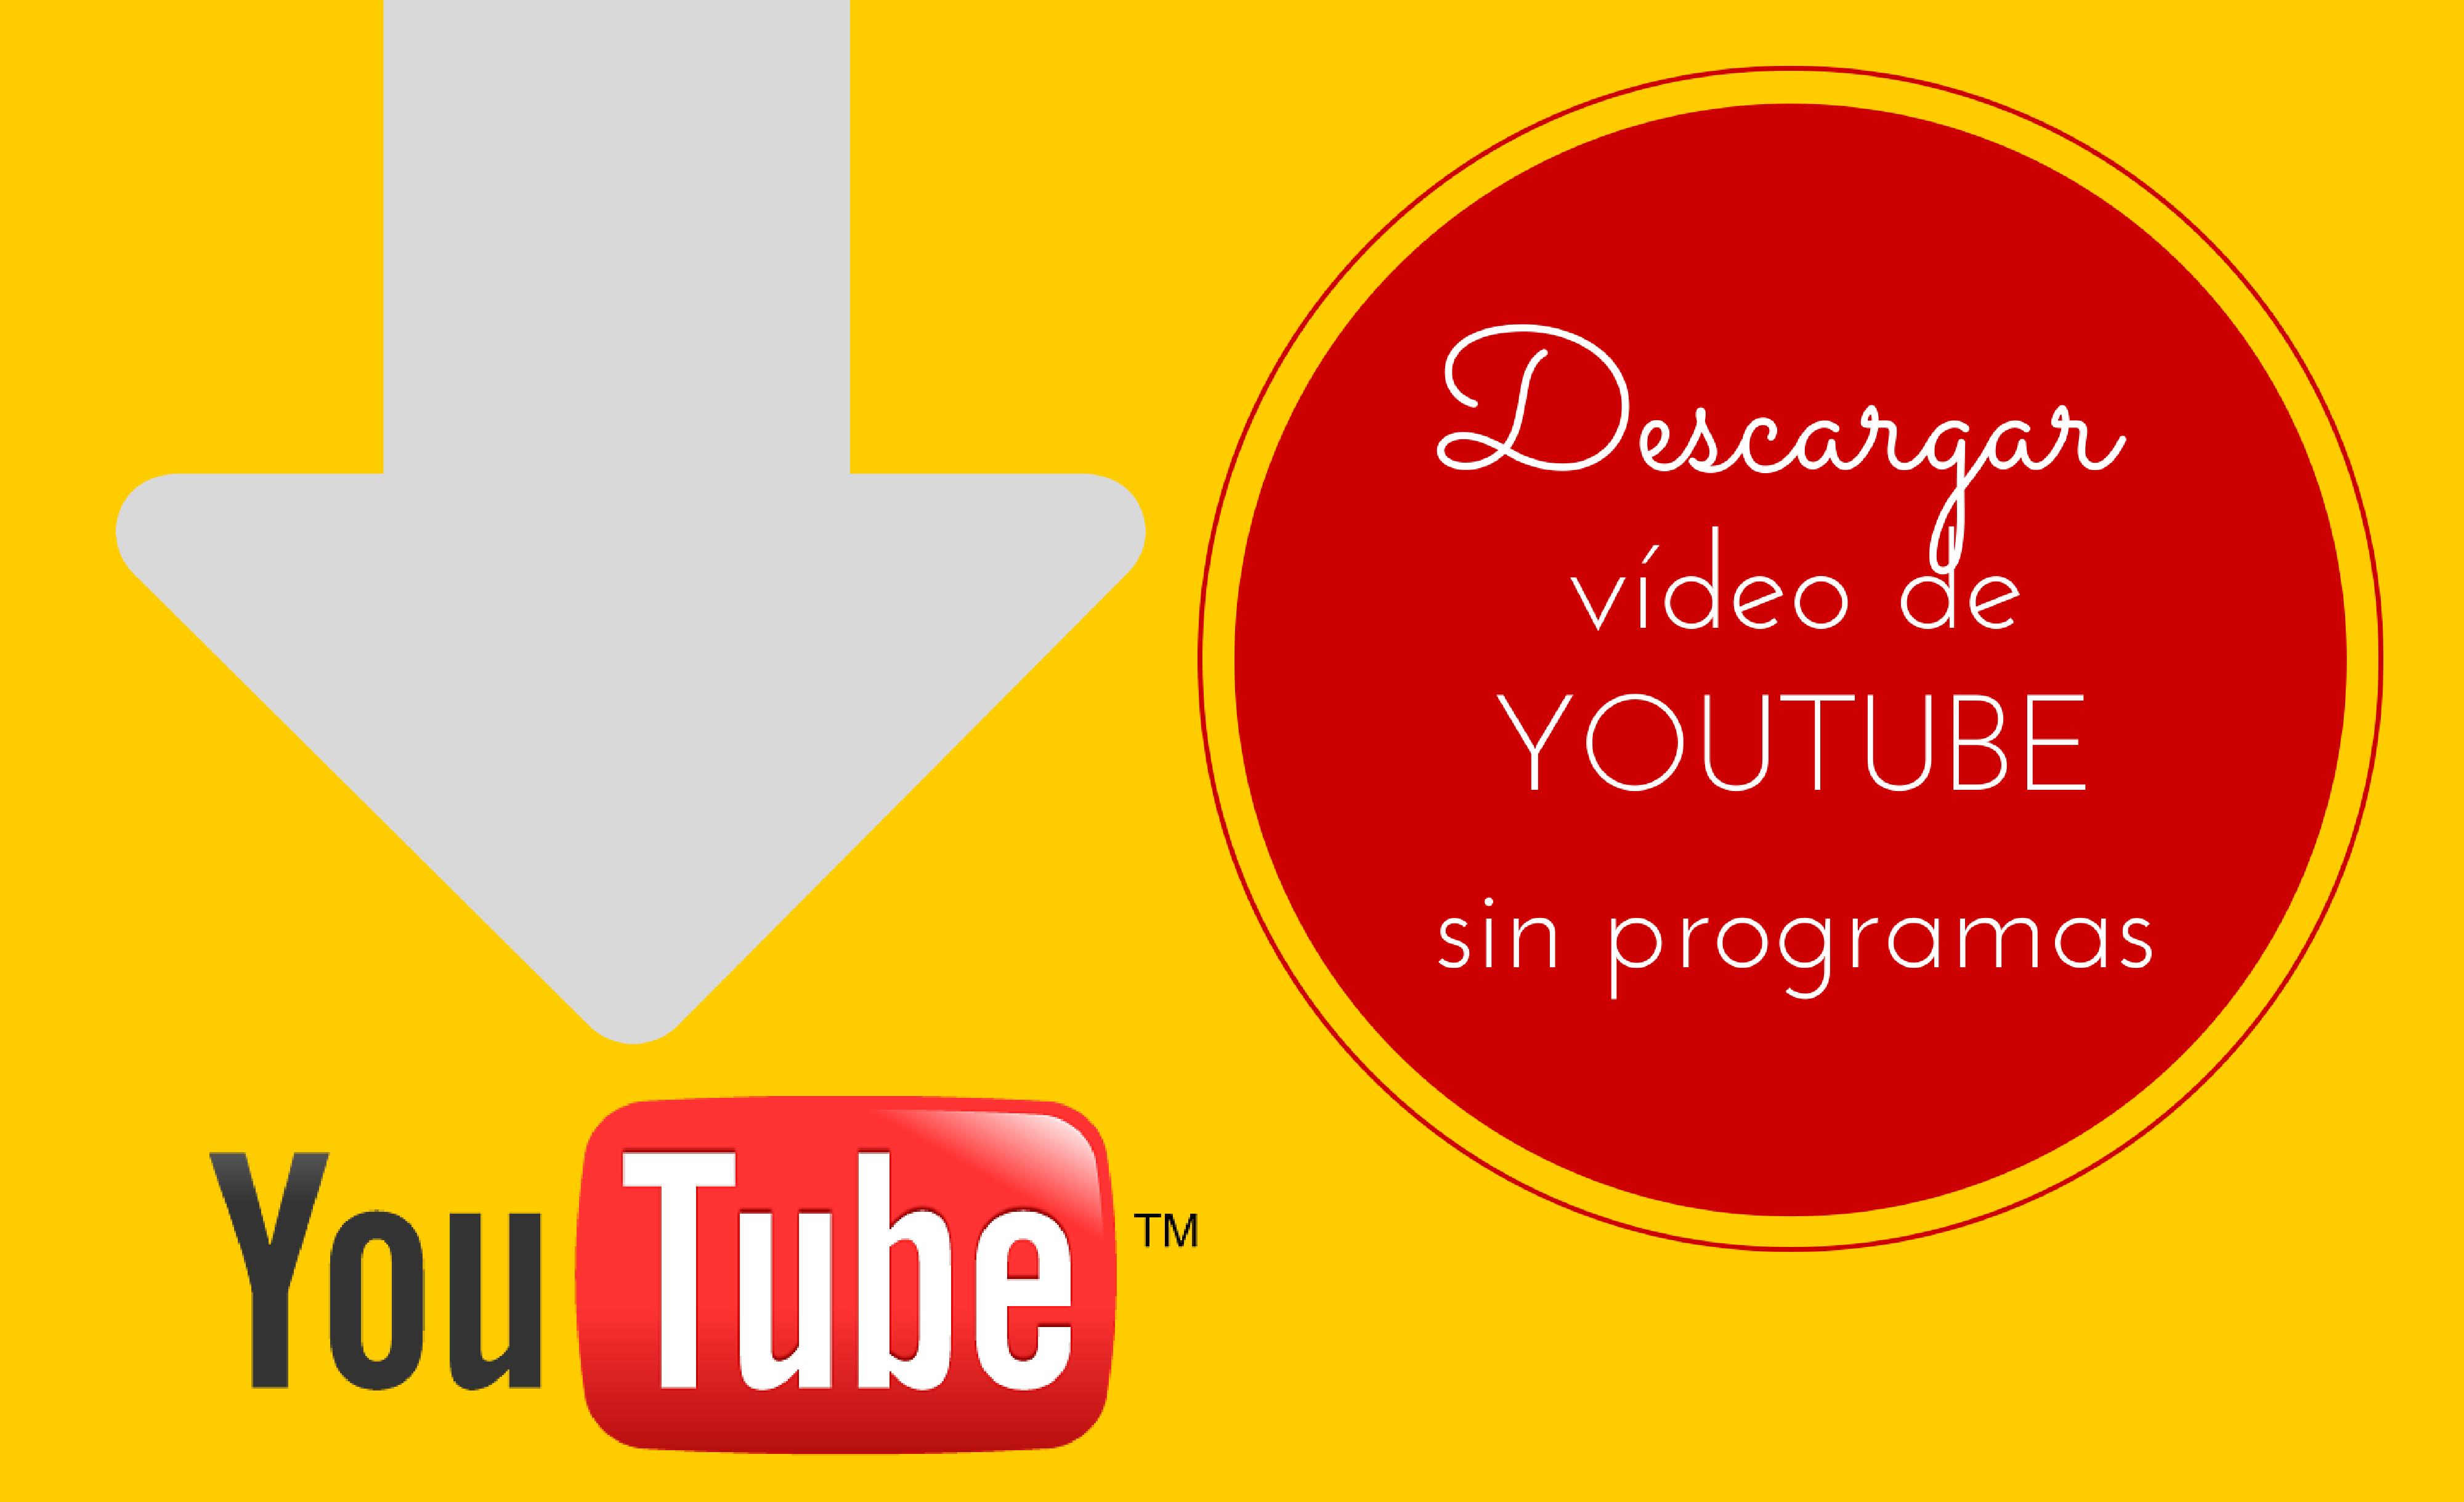 Descarga vídeo YT sin programas